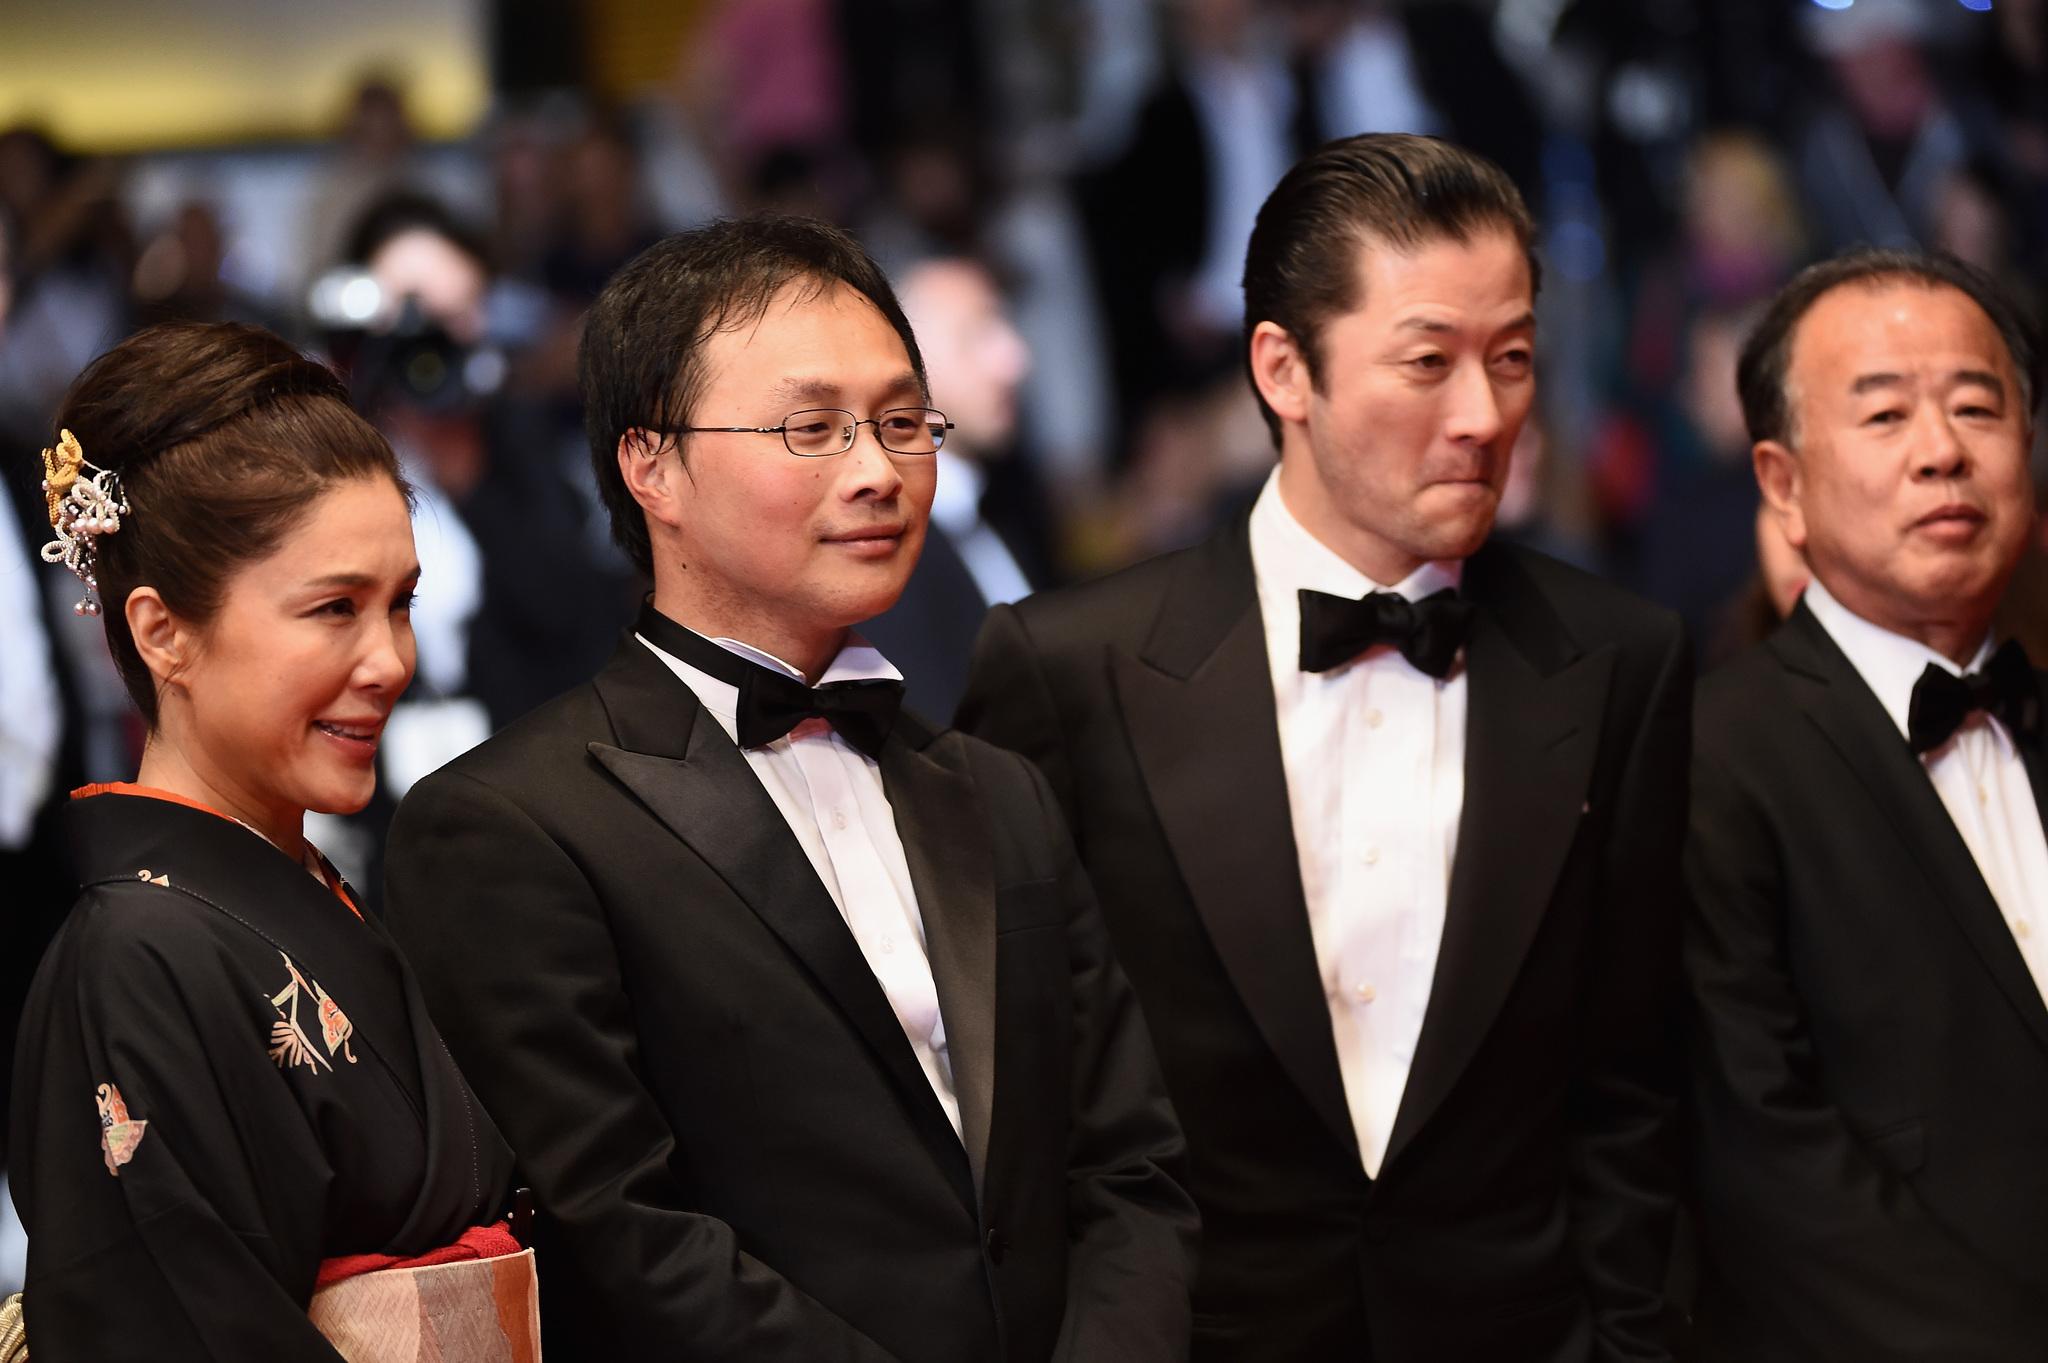 Tadanobu Asano, Mariko Tsutsui, and Kôji Fukada at an event for Fuchi ni tatsu (2016)